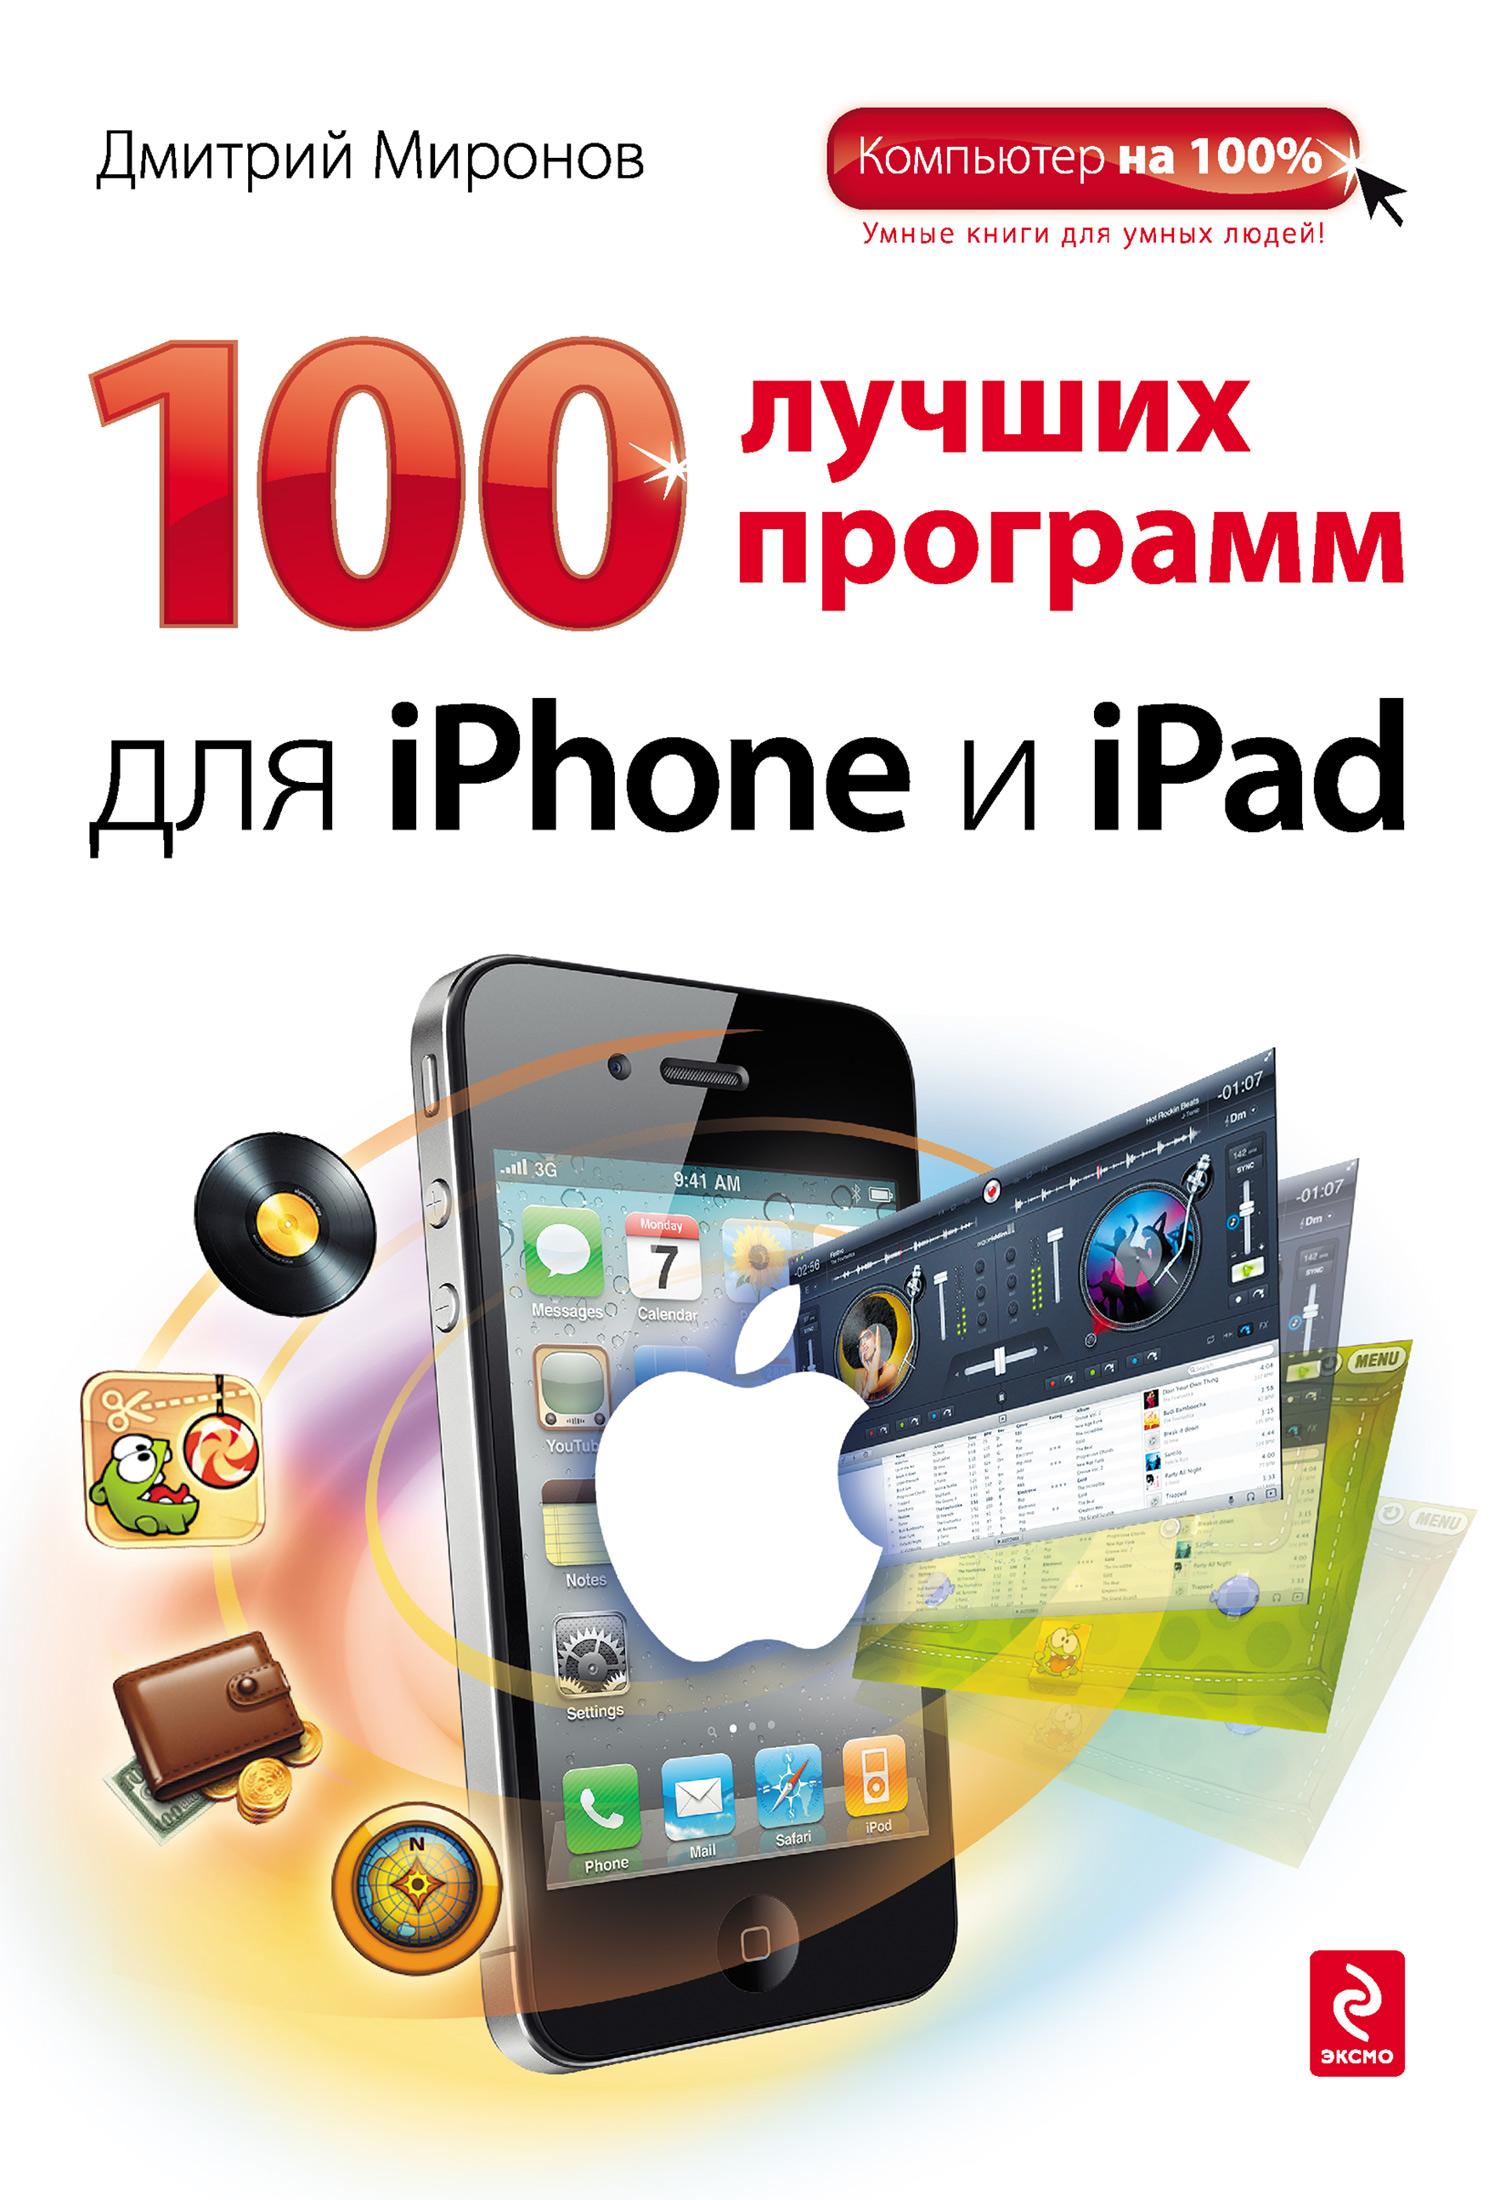 Дмитрий Миронов 100 лучших программ для iPhone и iPad стилус iphone ipad